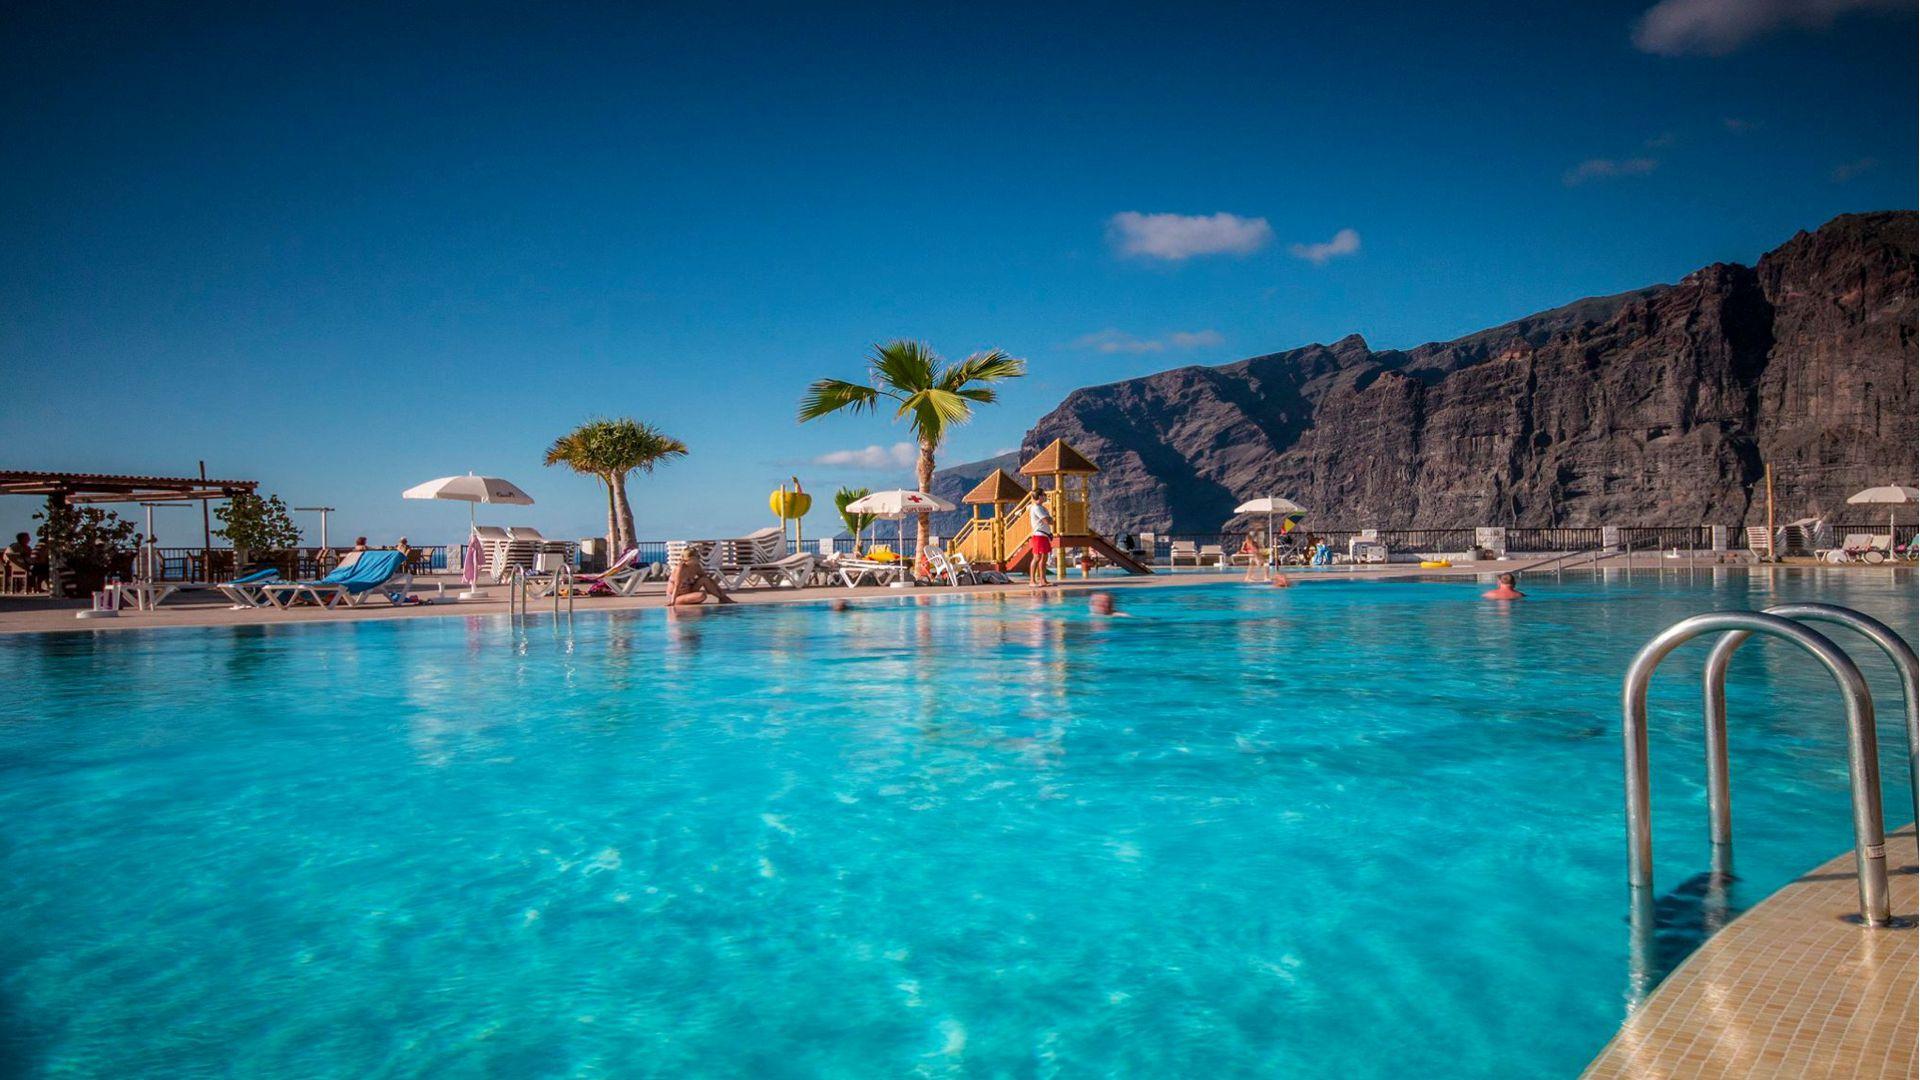 oasis piscina en los gigantes complejo tur sticio en